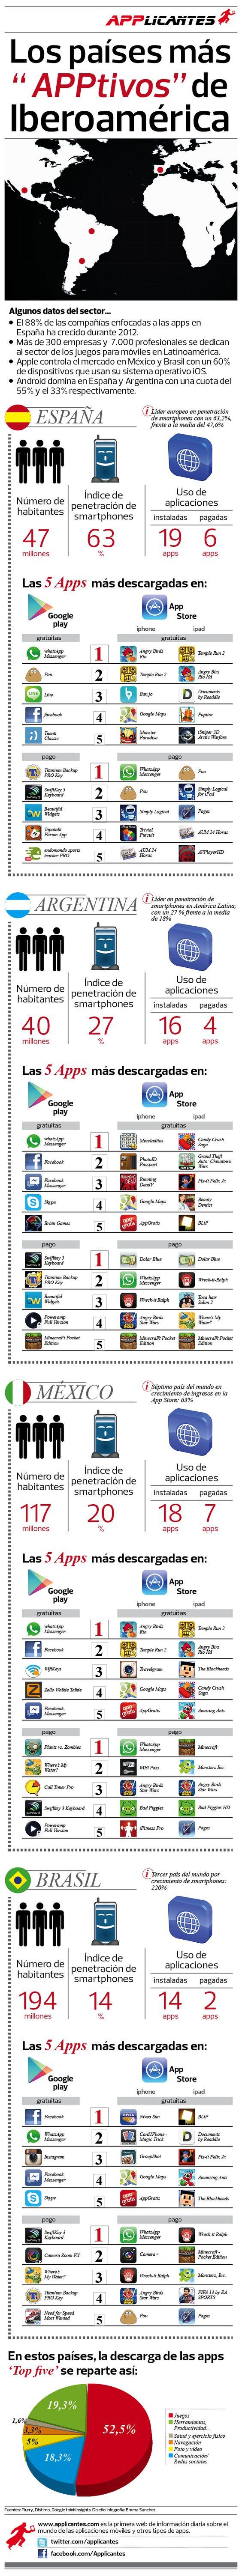 Las APPS en Iberoamérica #infografia: